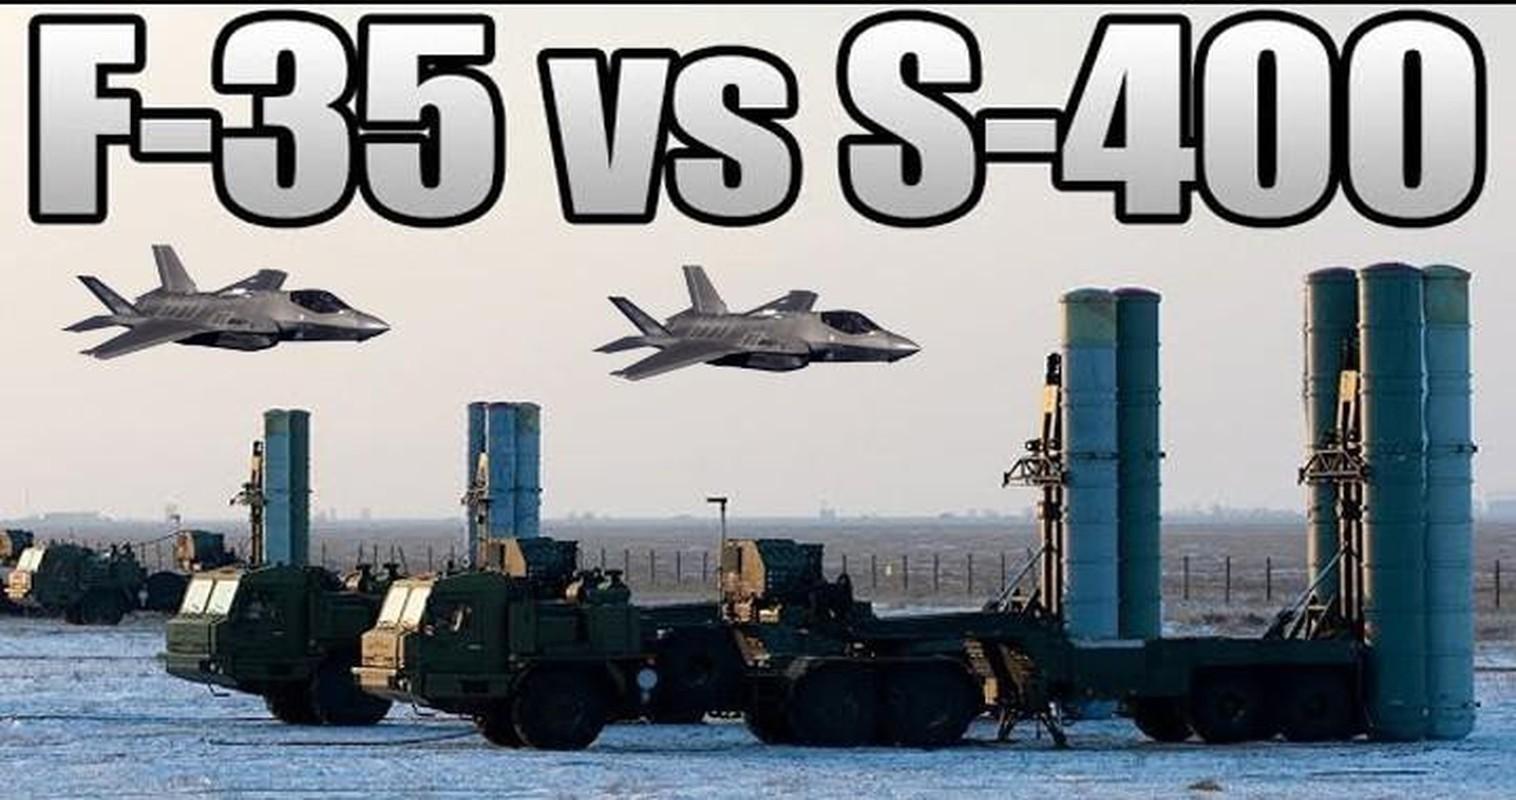 Tai sao phi cong F-35 duoc khuyen cao khong bay gan ten lua S-400?-Hinh-8